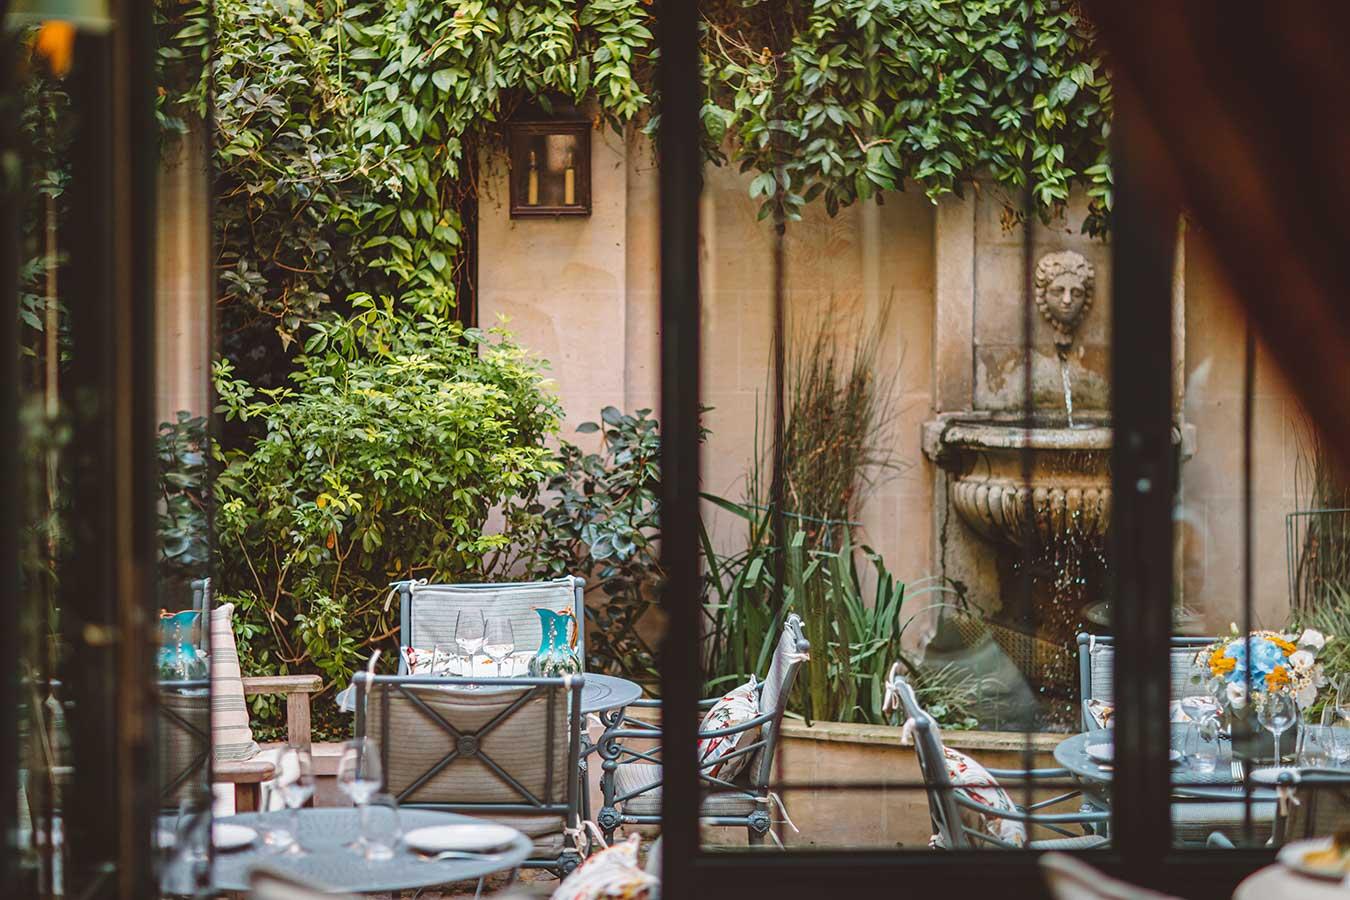 Jardin - Vue depuis la verrière sur le jardin avec tables, chaises, coussins colorés et fontaine